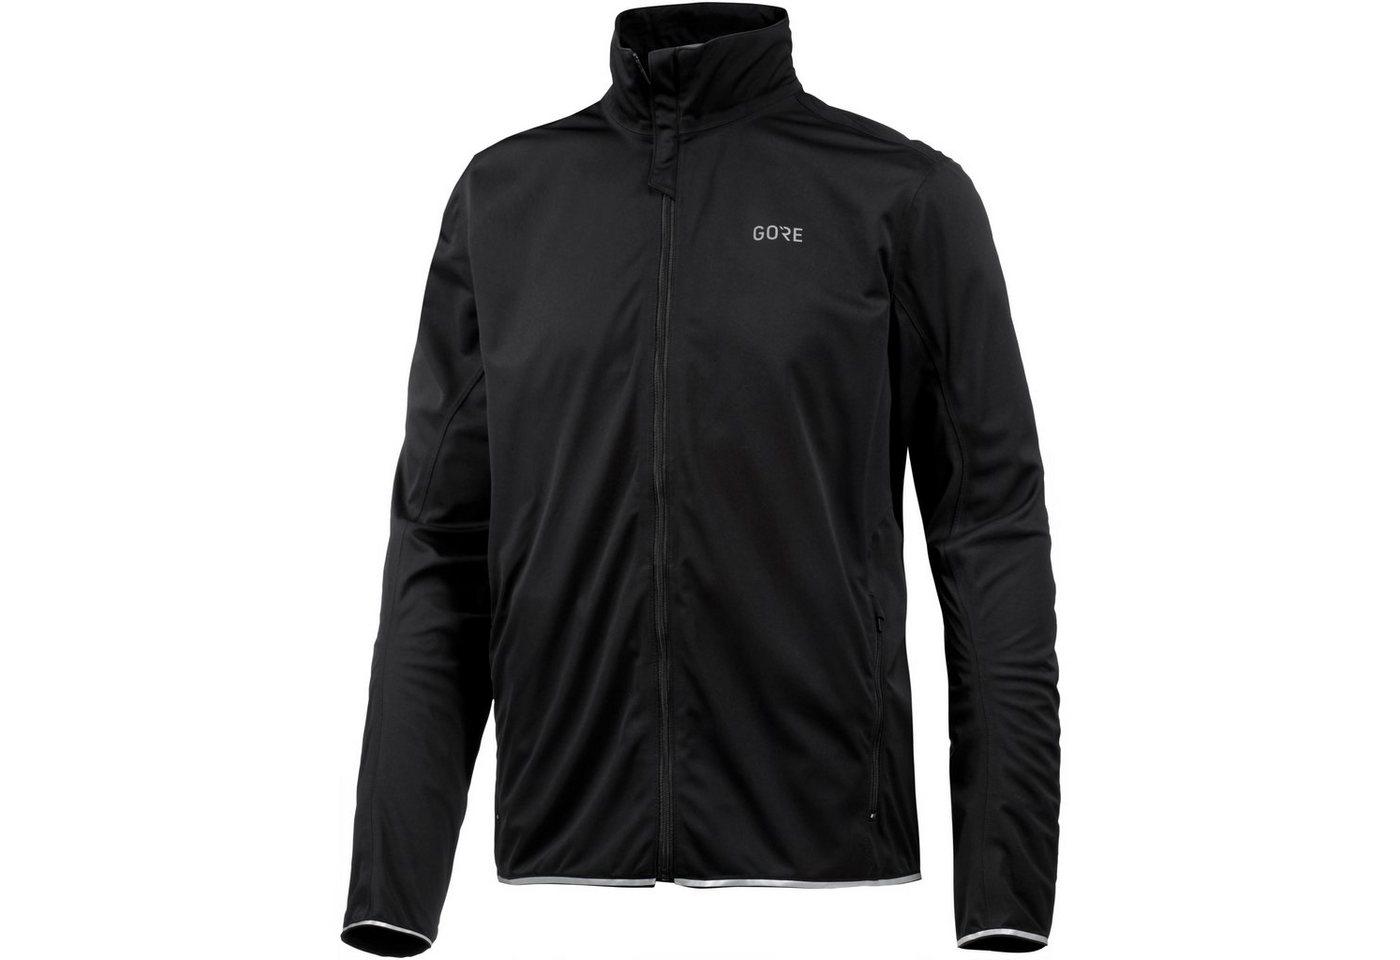 GORE® Wear Laufjacke »R3 GORE® WINDSTOPPER®« | Sportbekleidung > Sportjacken > Laufjacken | Schwarz | Polyester | GORE® Wear